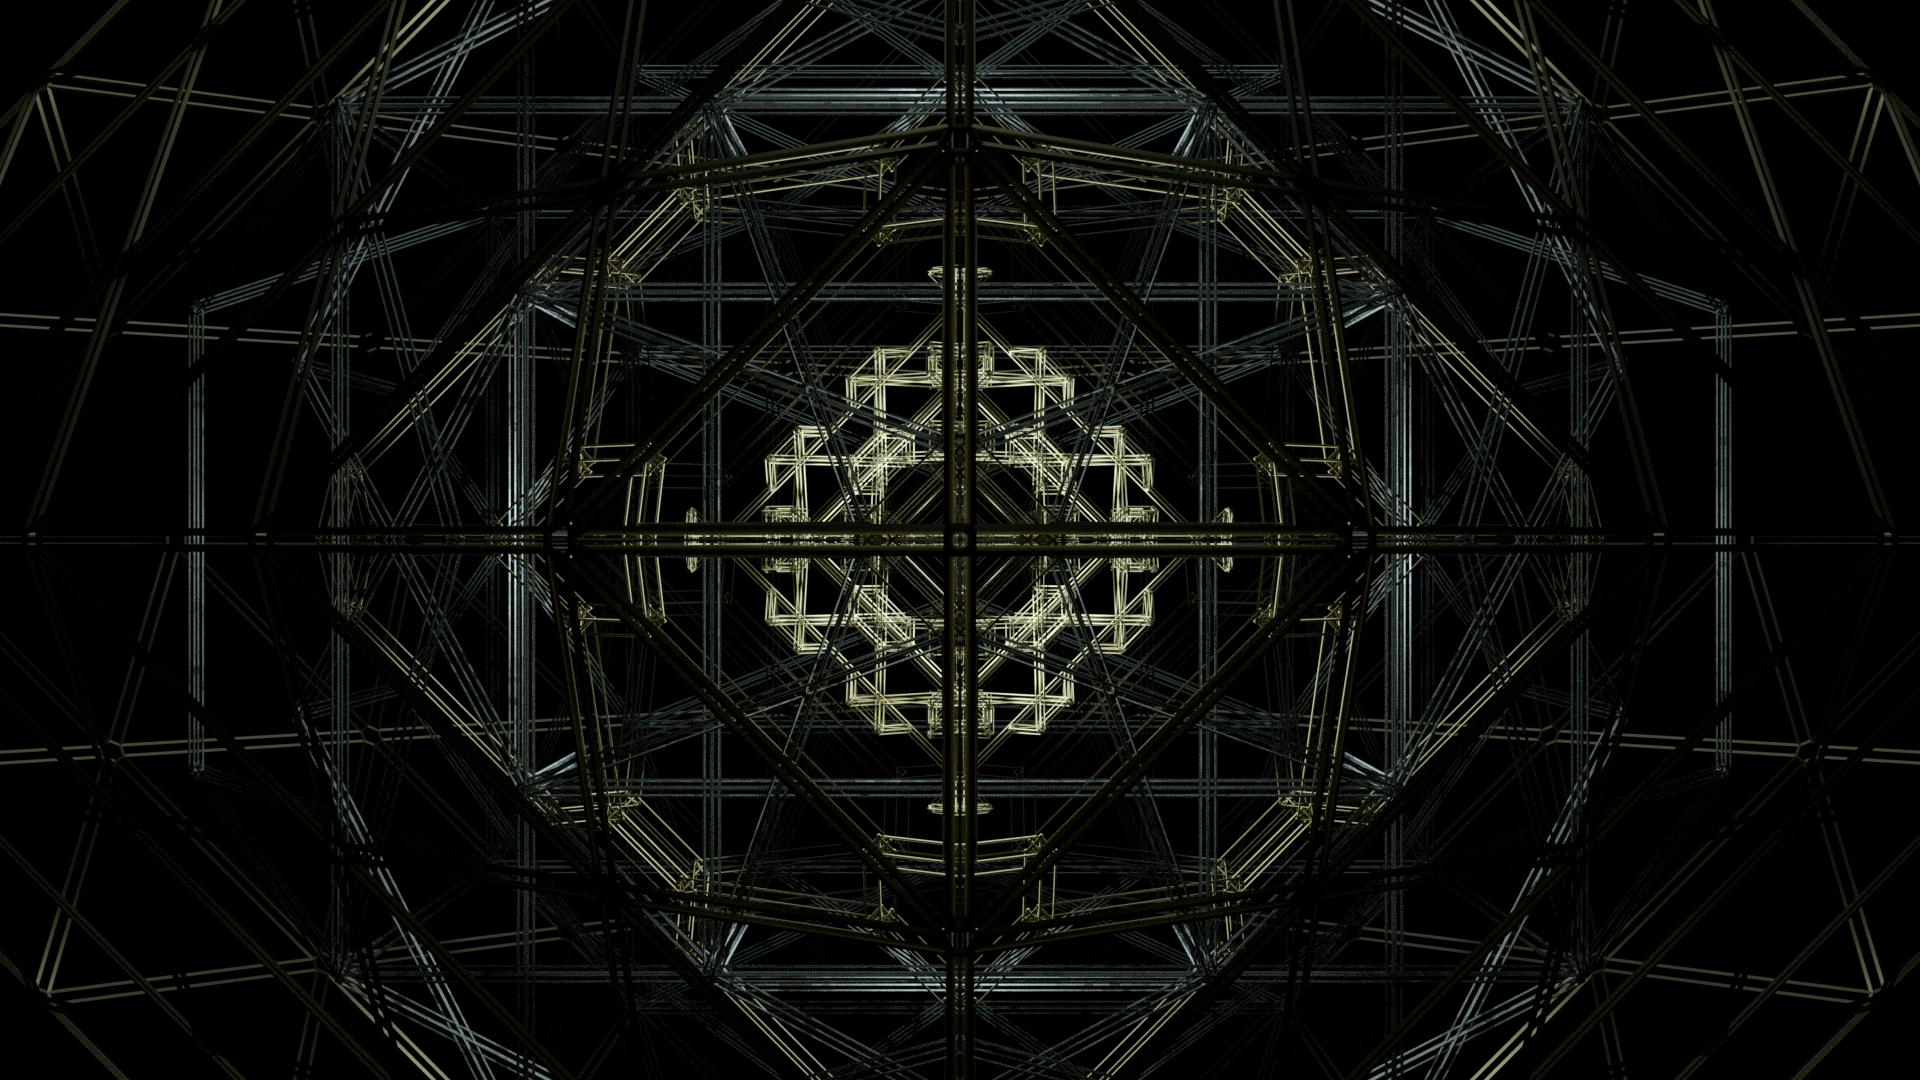 bevel_deformer_COMPLEX_0150_mm_locked4.png